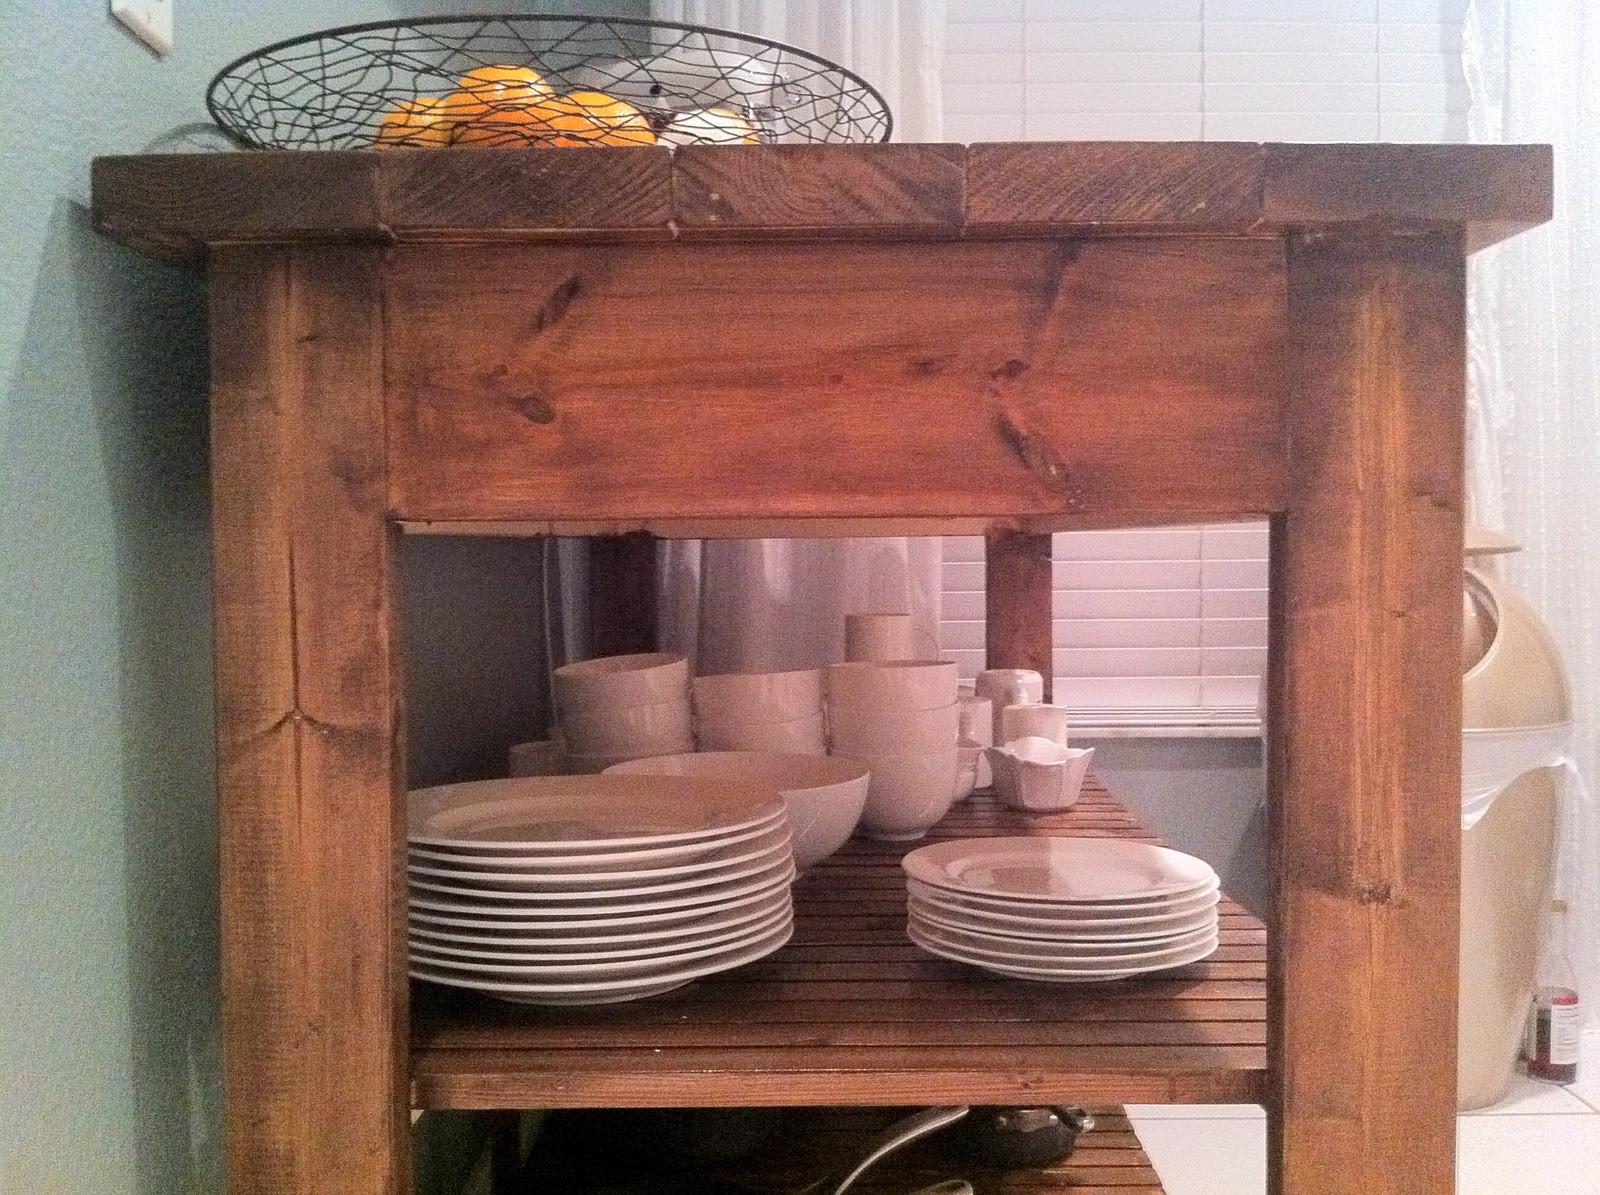 Best ideas about DIY Kitchen Island Plans . Save or Pin Domestic Jenny diy kitchen island plans Now.